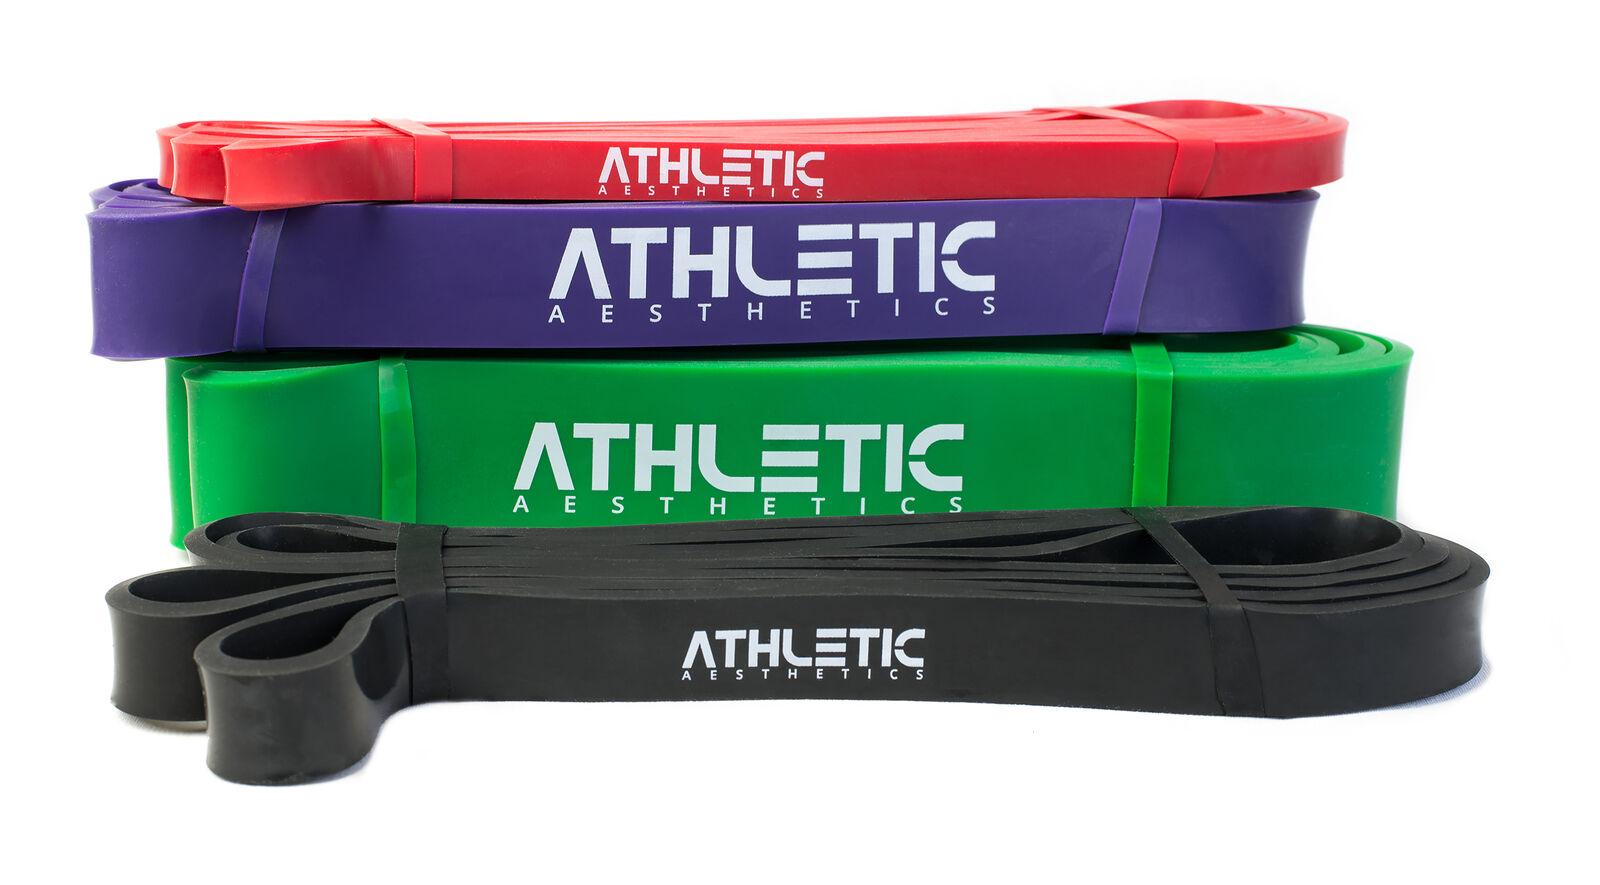 ATHLETIC AESTHETICS Widerstandsbänder Fitnessbänder Krafttraining Bodybuilding